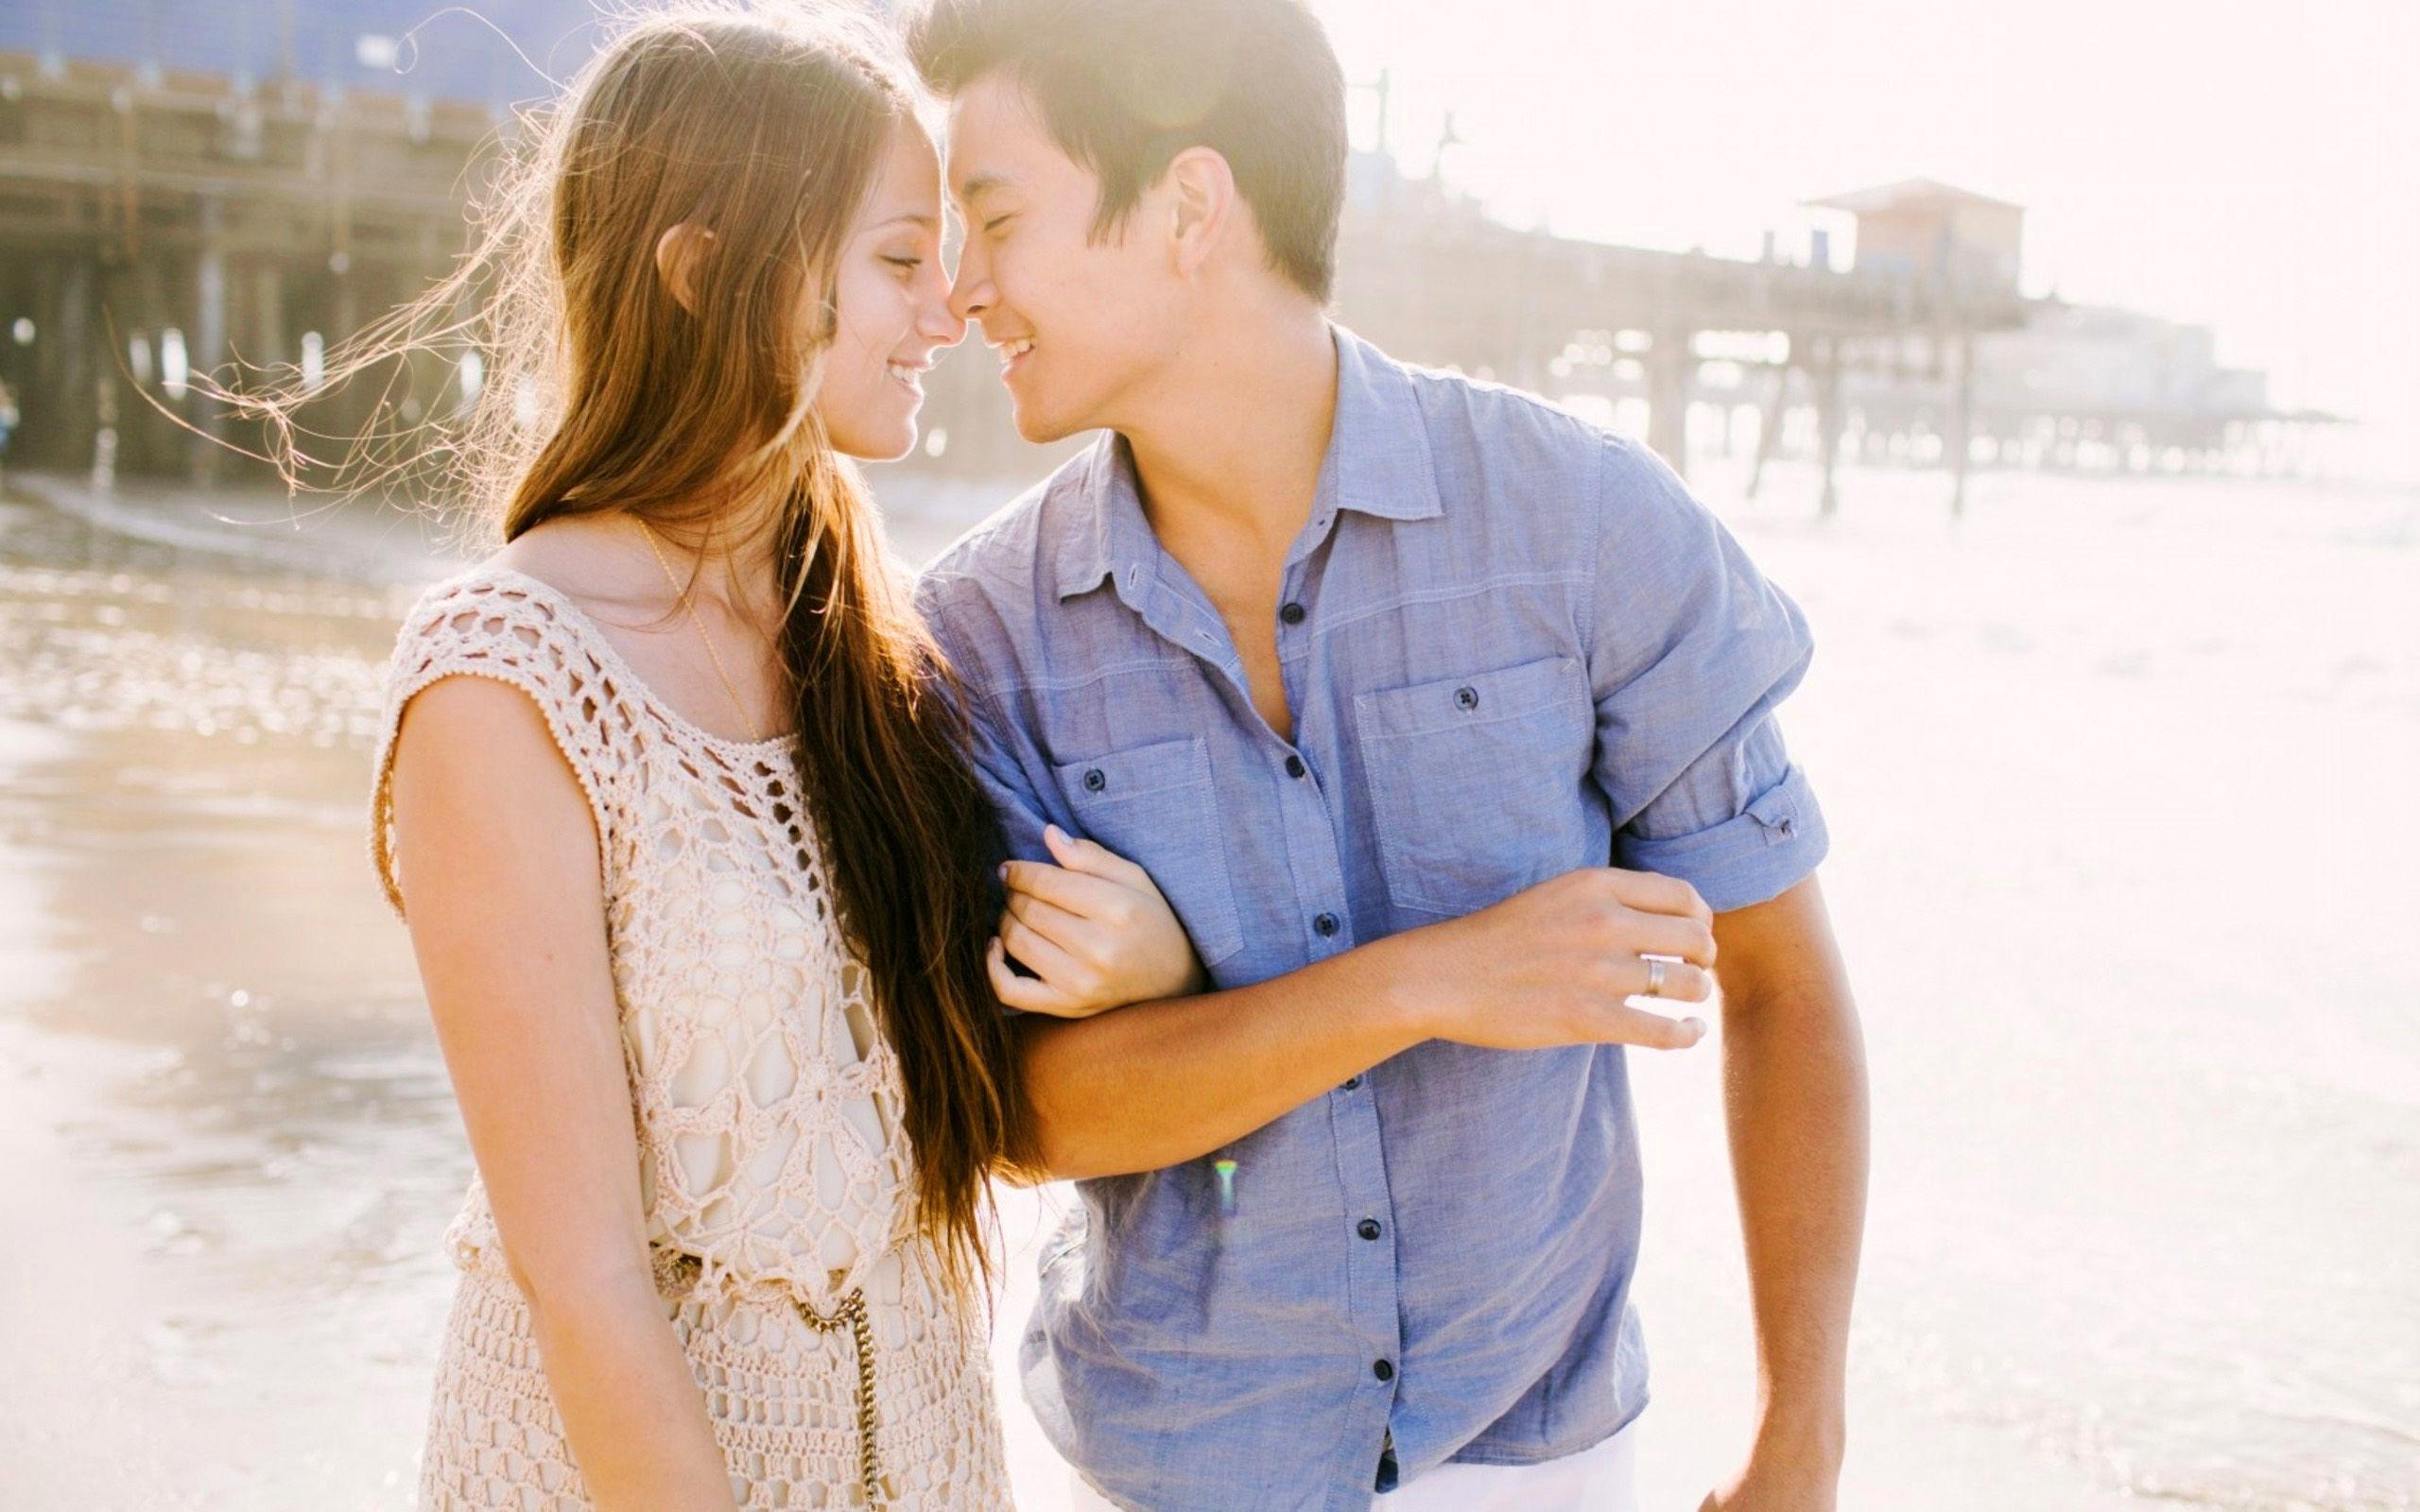 вопрос где обнимались и целовались на первом свидании ваш